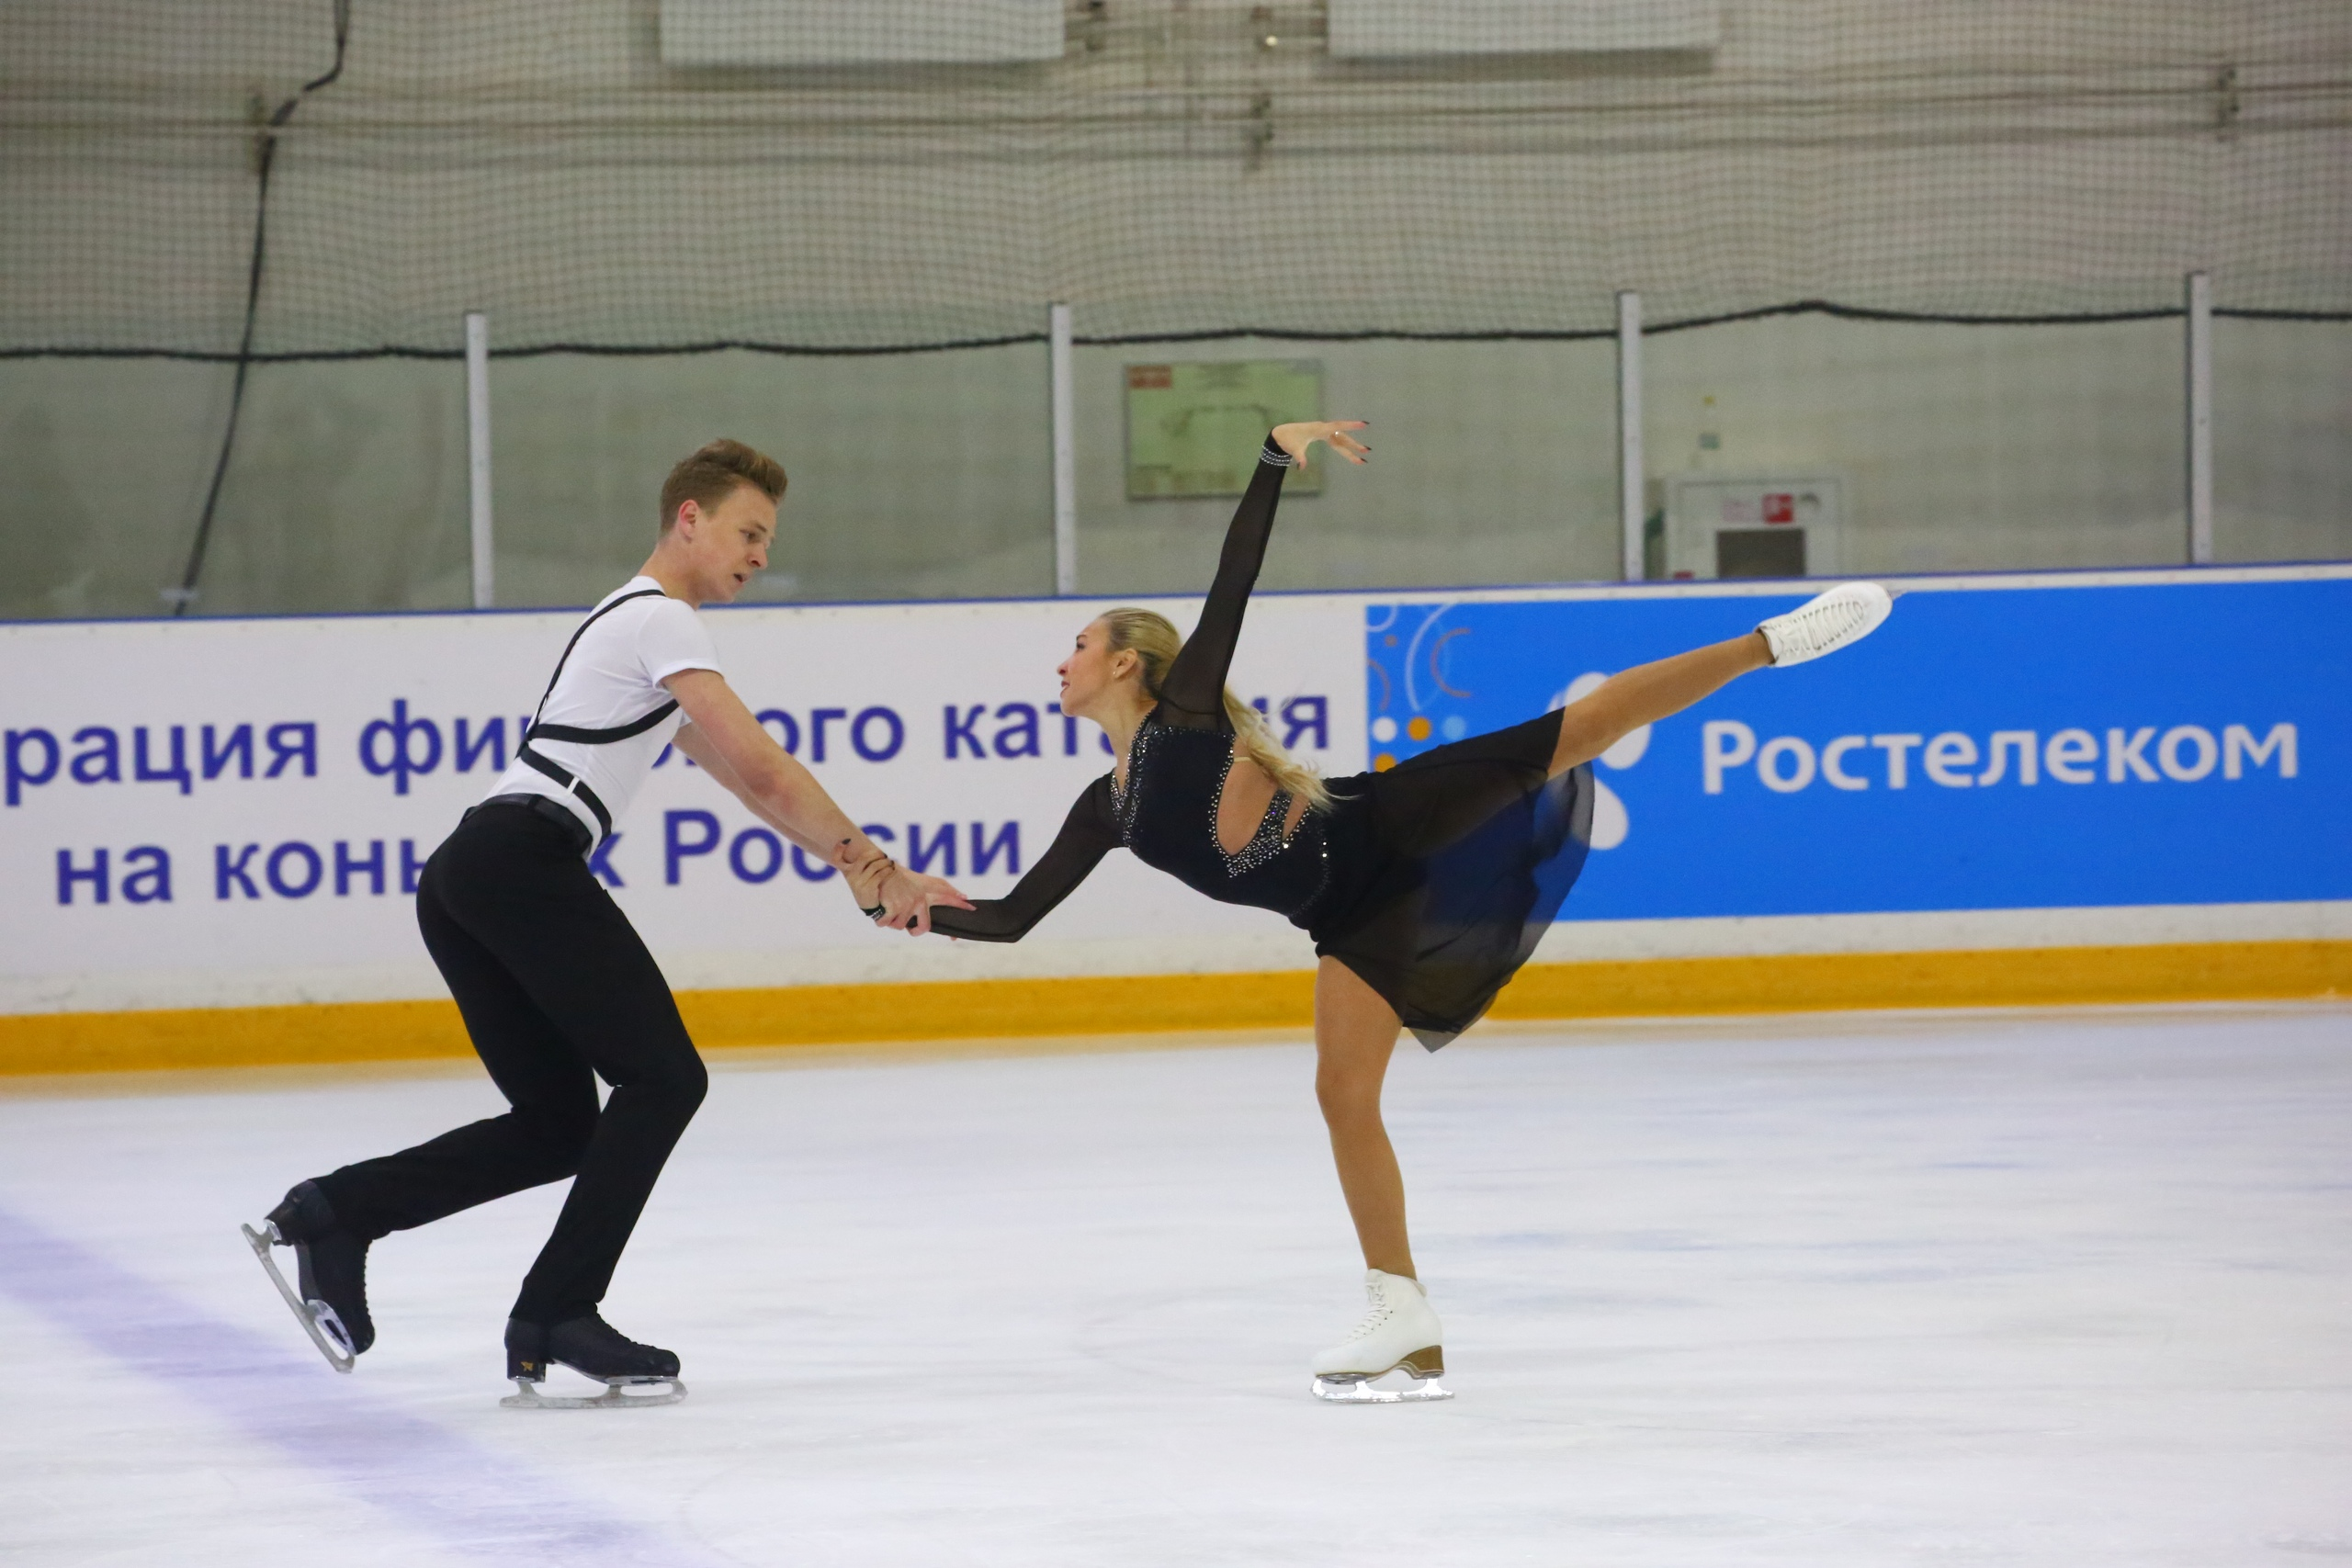 Российские соревнования сезона 2018-2019 (общая) - Страница 7 SRMYWXmPzss